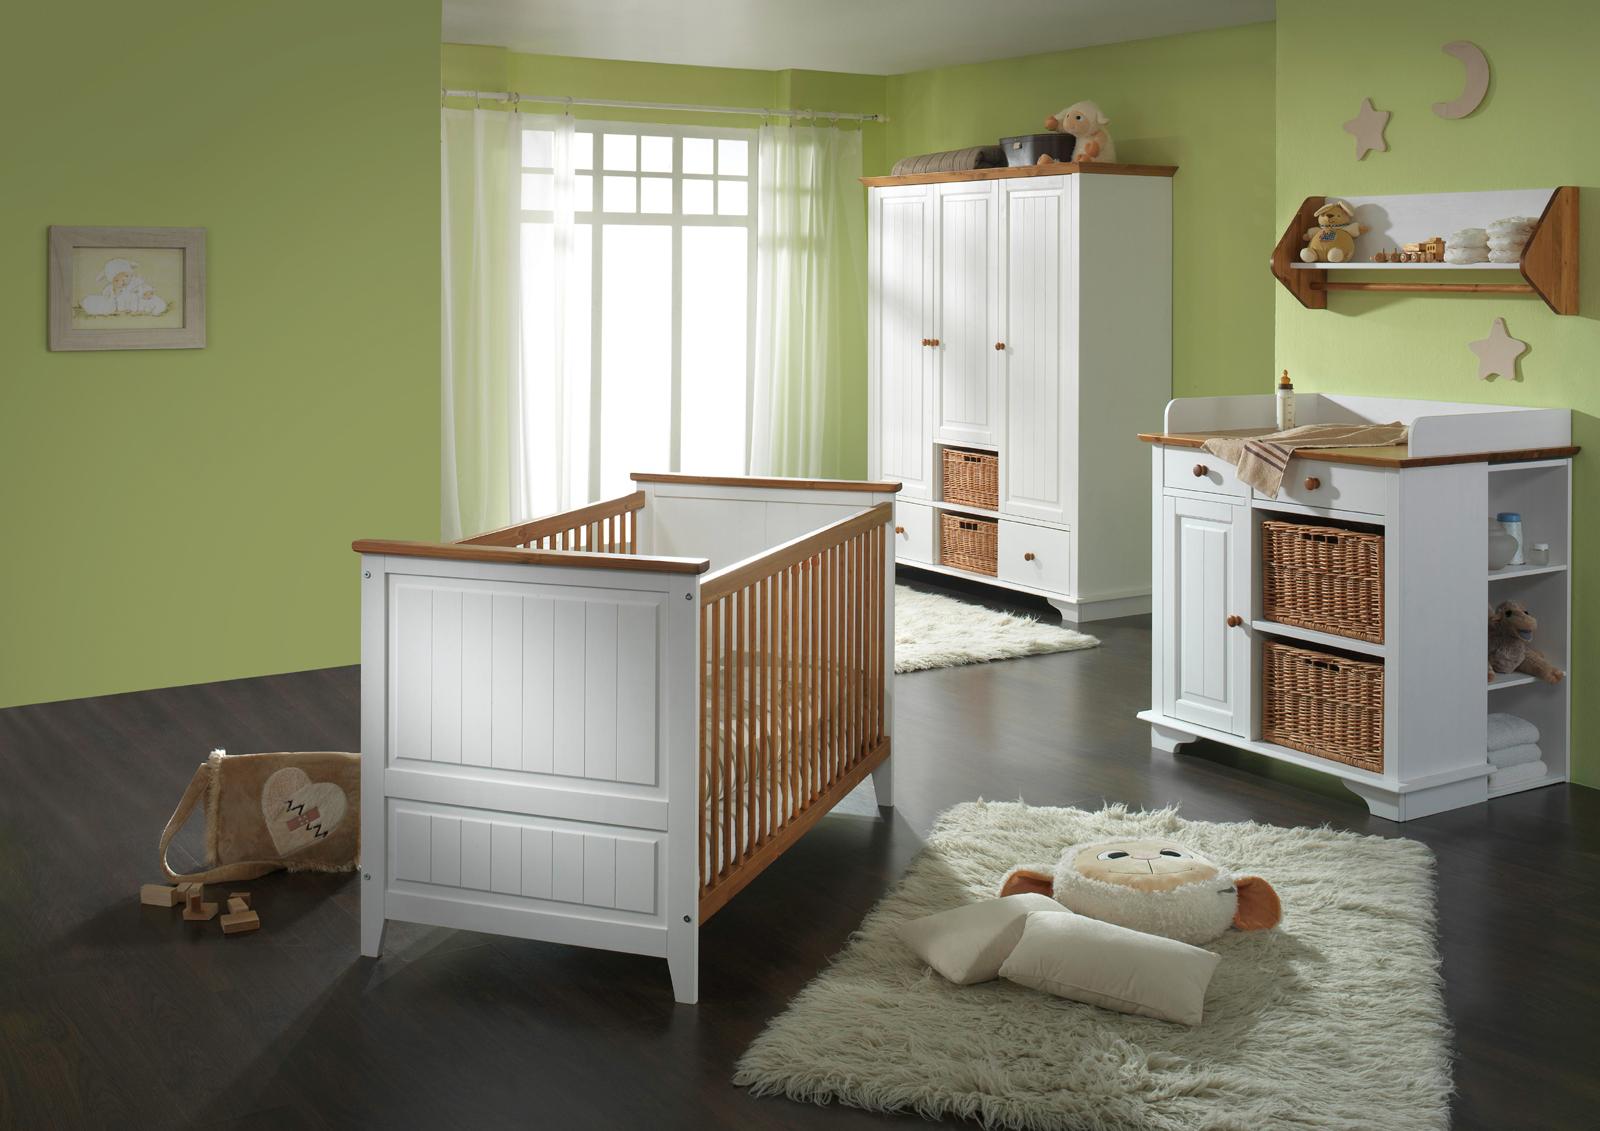 Baby kinderzimmer  SAM® Sparset Baby Kinderzimmer JULIA günstig